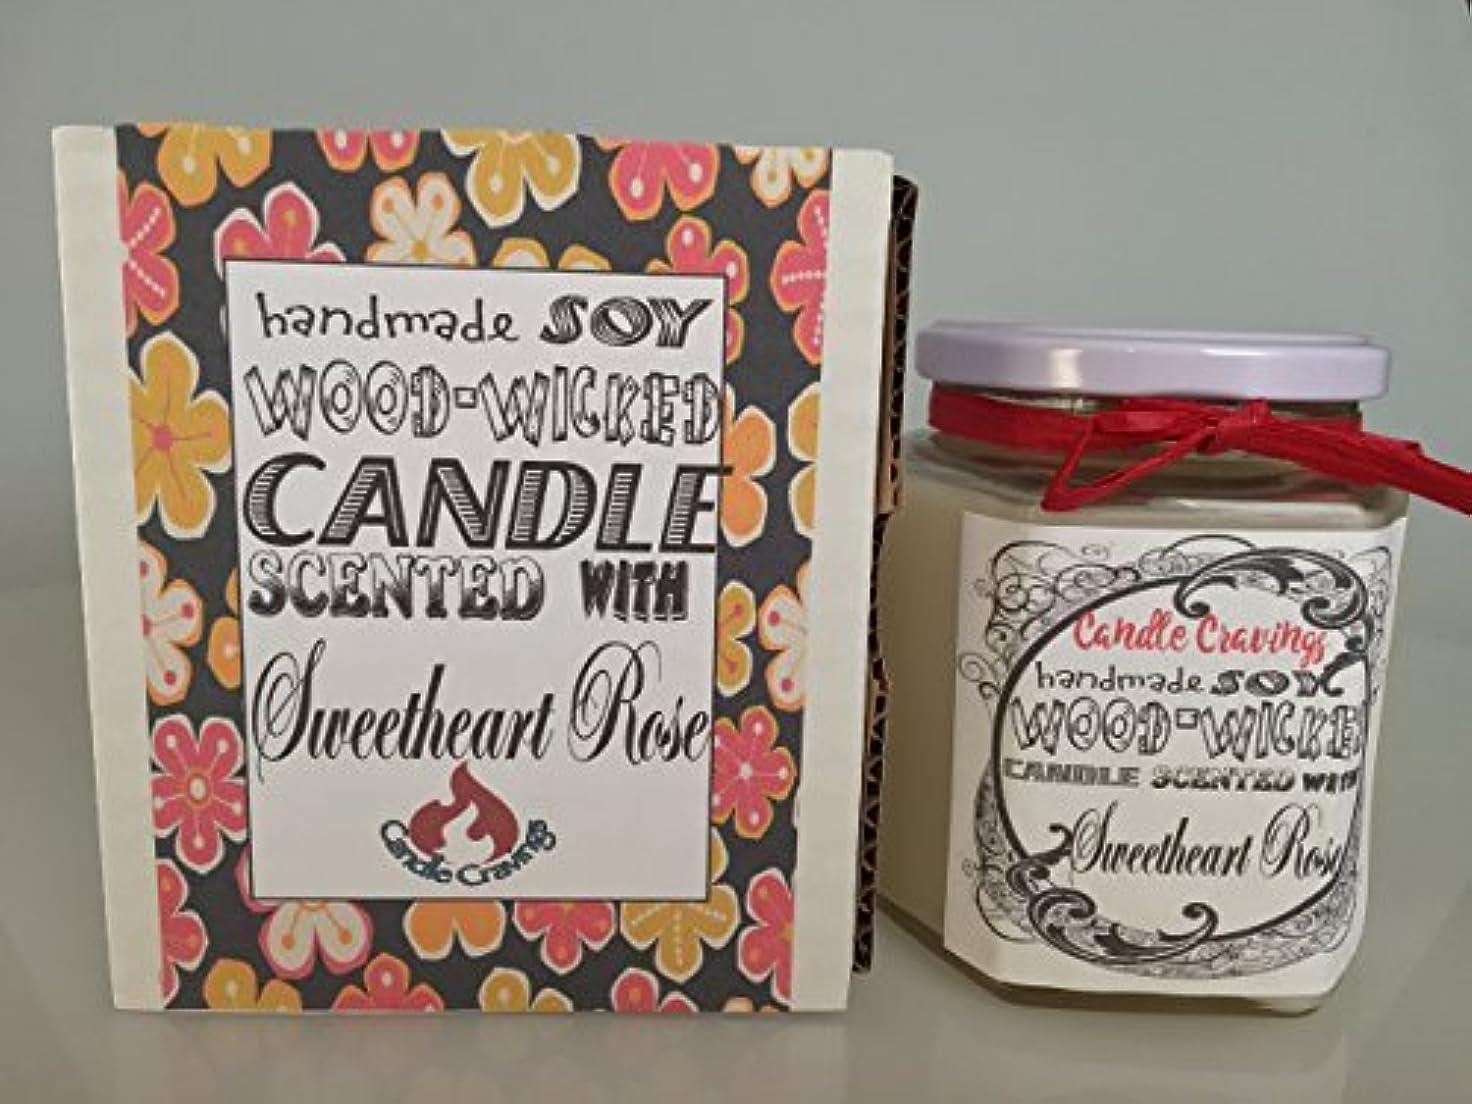 ねばねば人類神社Sweetheart Roses Scented Soy Wax Container Candle With Wood Wick 12 Oz US Handmade [並行輸入品]